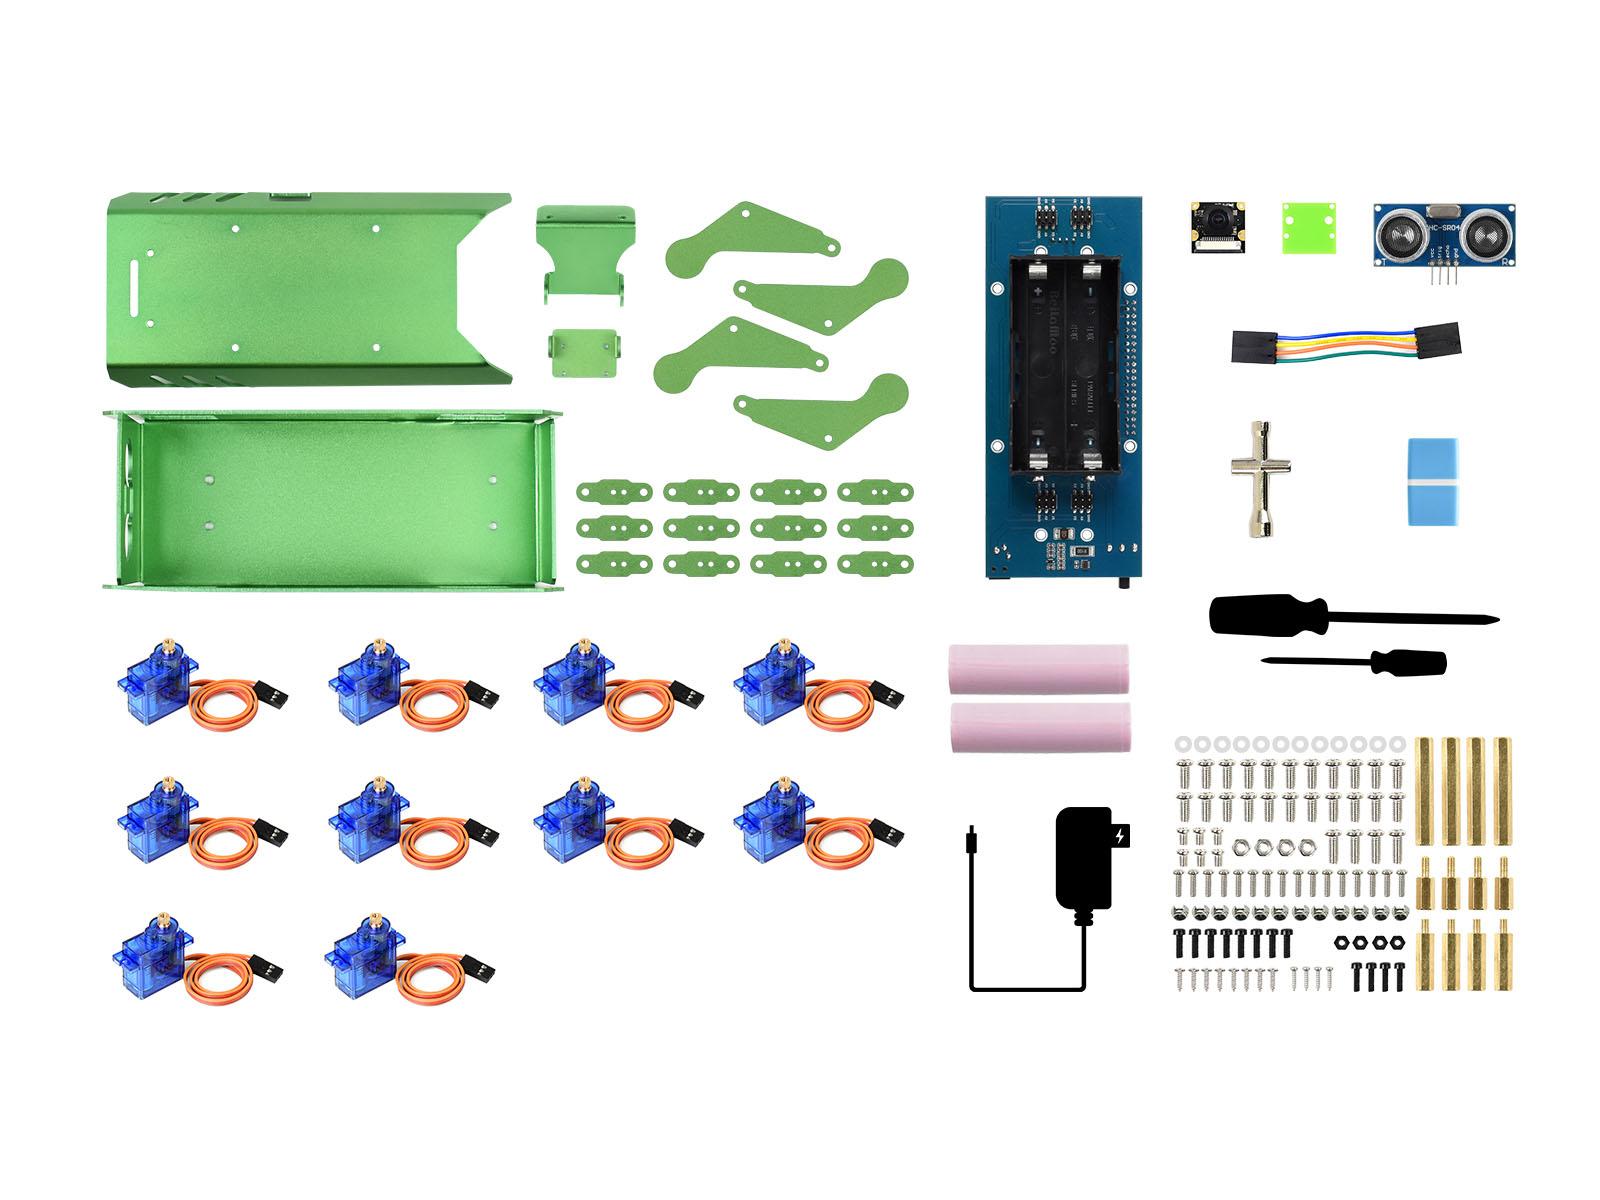 PIPPY 四足机器人基于树莓派开源仿生机器狗配件包